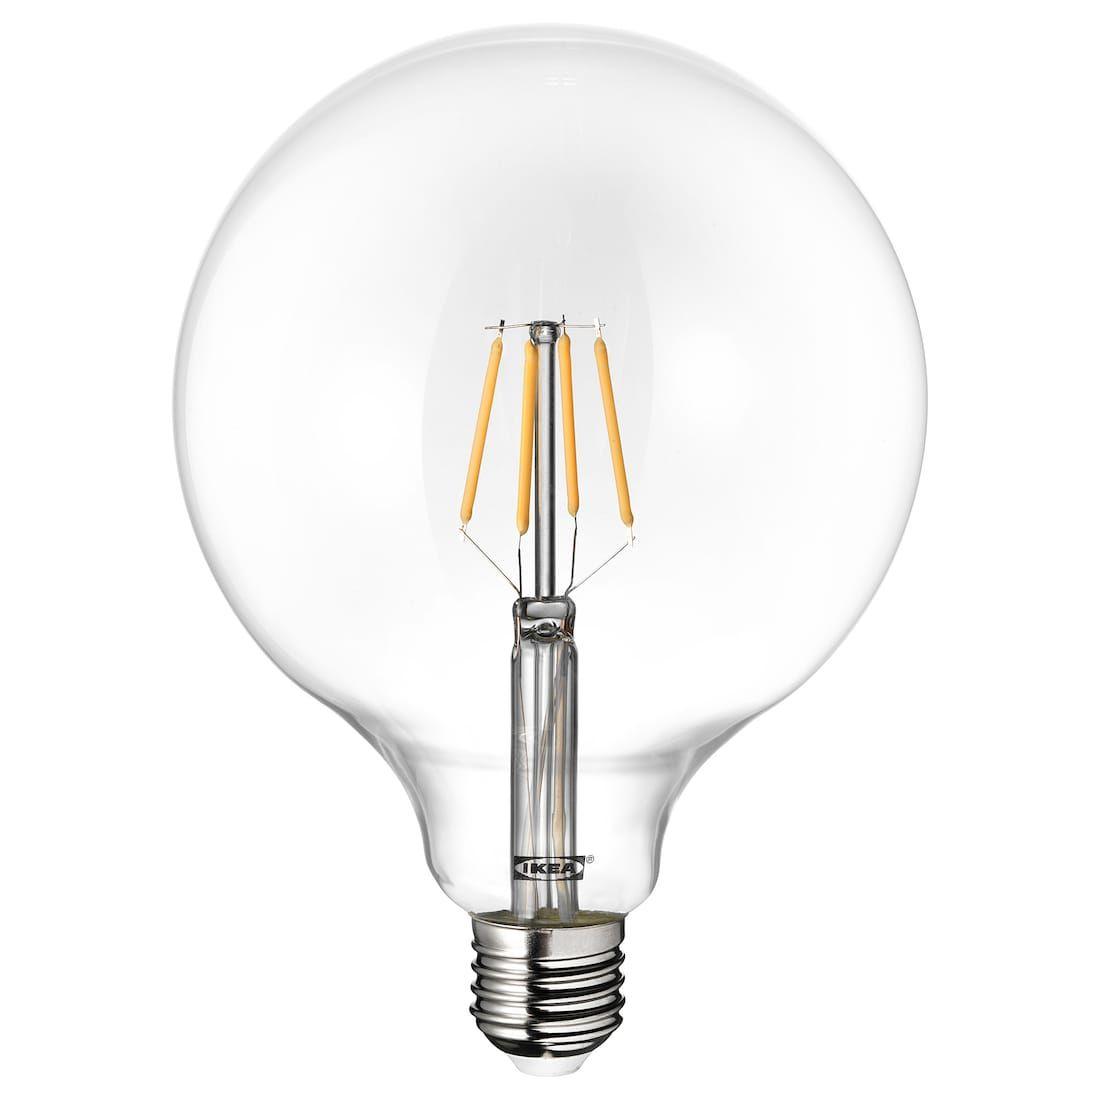 Lunnom Bombilla Led E27 600 Lumenes Globo Vidrio Incoloro Ikea Vetro Trasparente Lampadina Luci Decorative